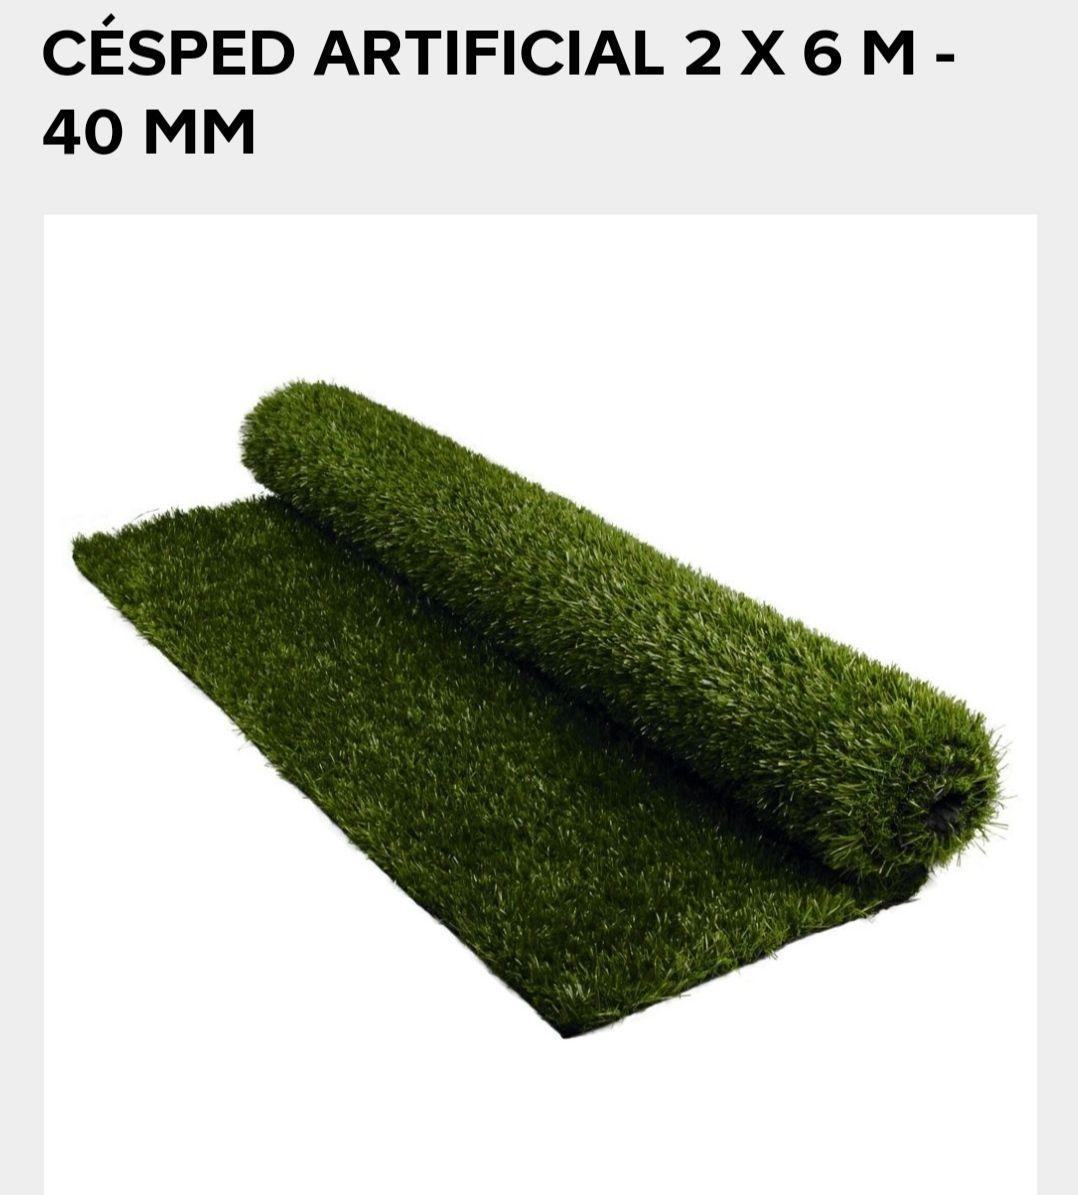 Cesped artificial 12 m2 (6x2) 40 mm en Bricodepot